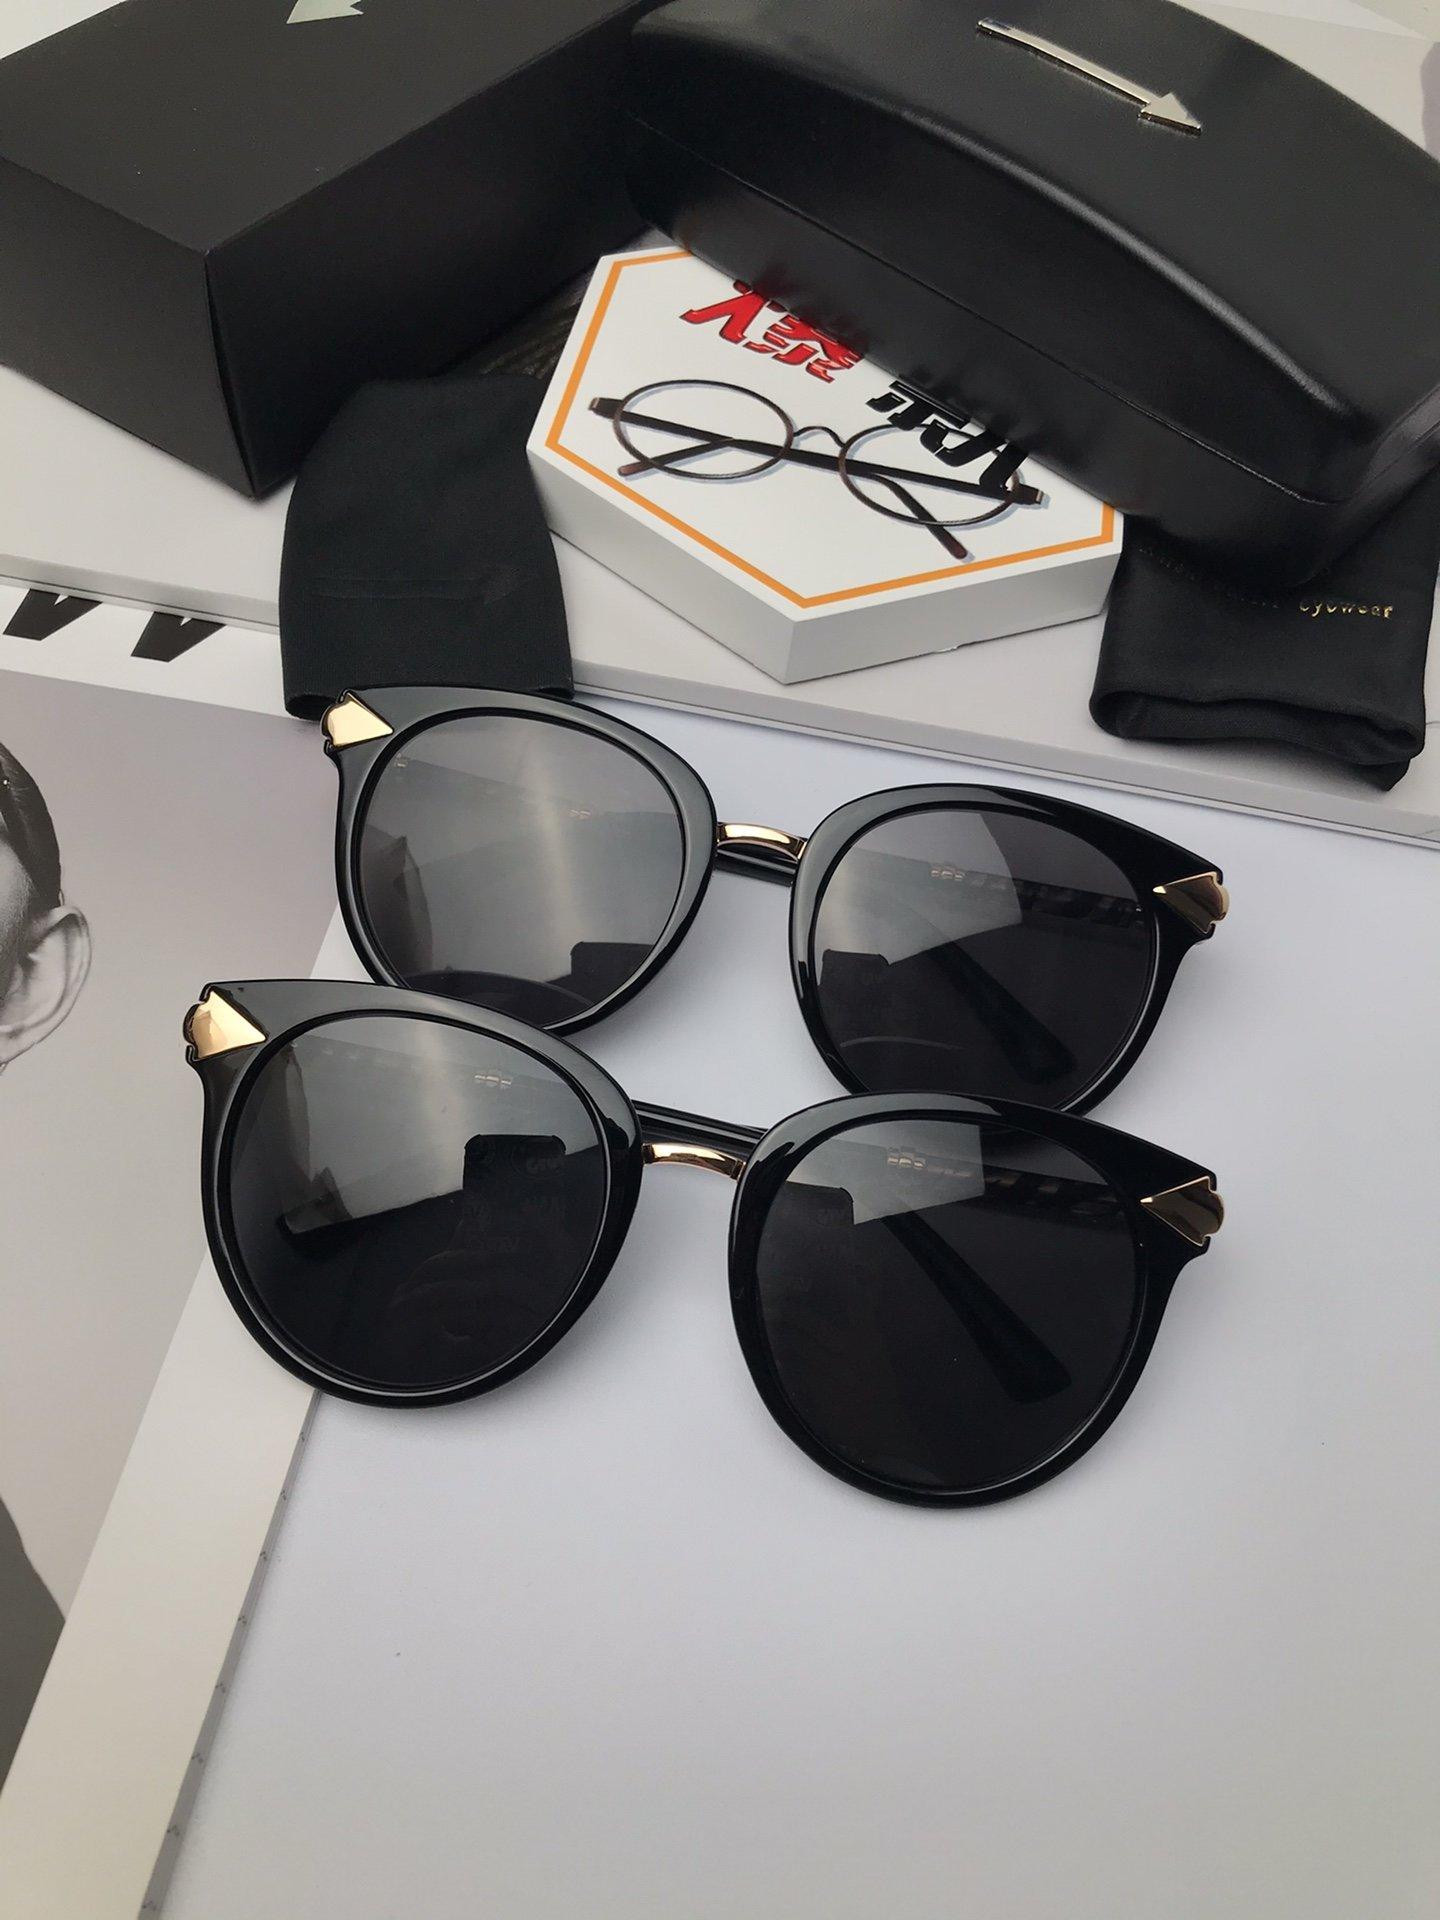 新款:品牌凯伦沃克男士女士偏光太阳镜